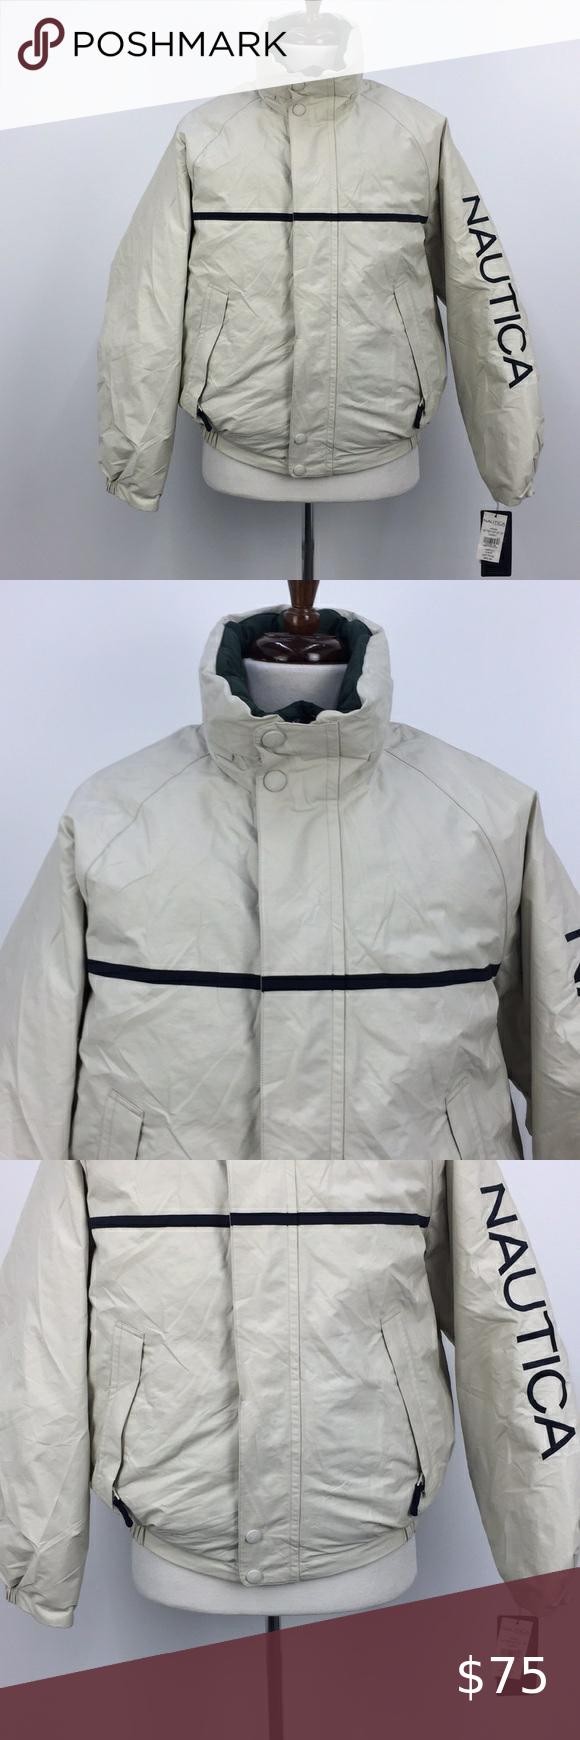 Nwt Nautica Cream Green Reversible Puffer Jacket Puffer Jackets Puffer Jackets [ 1740 x 580 Pixel ]